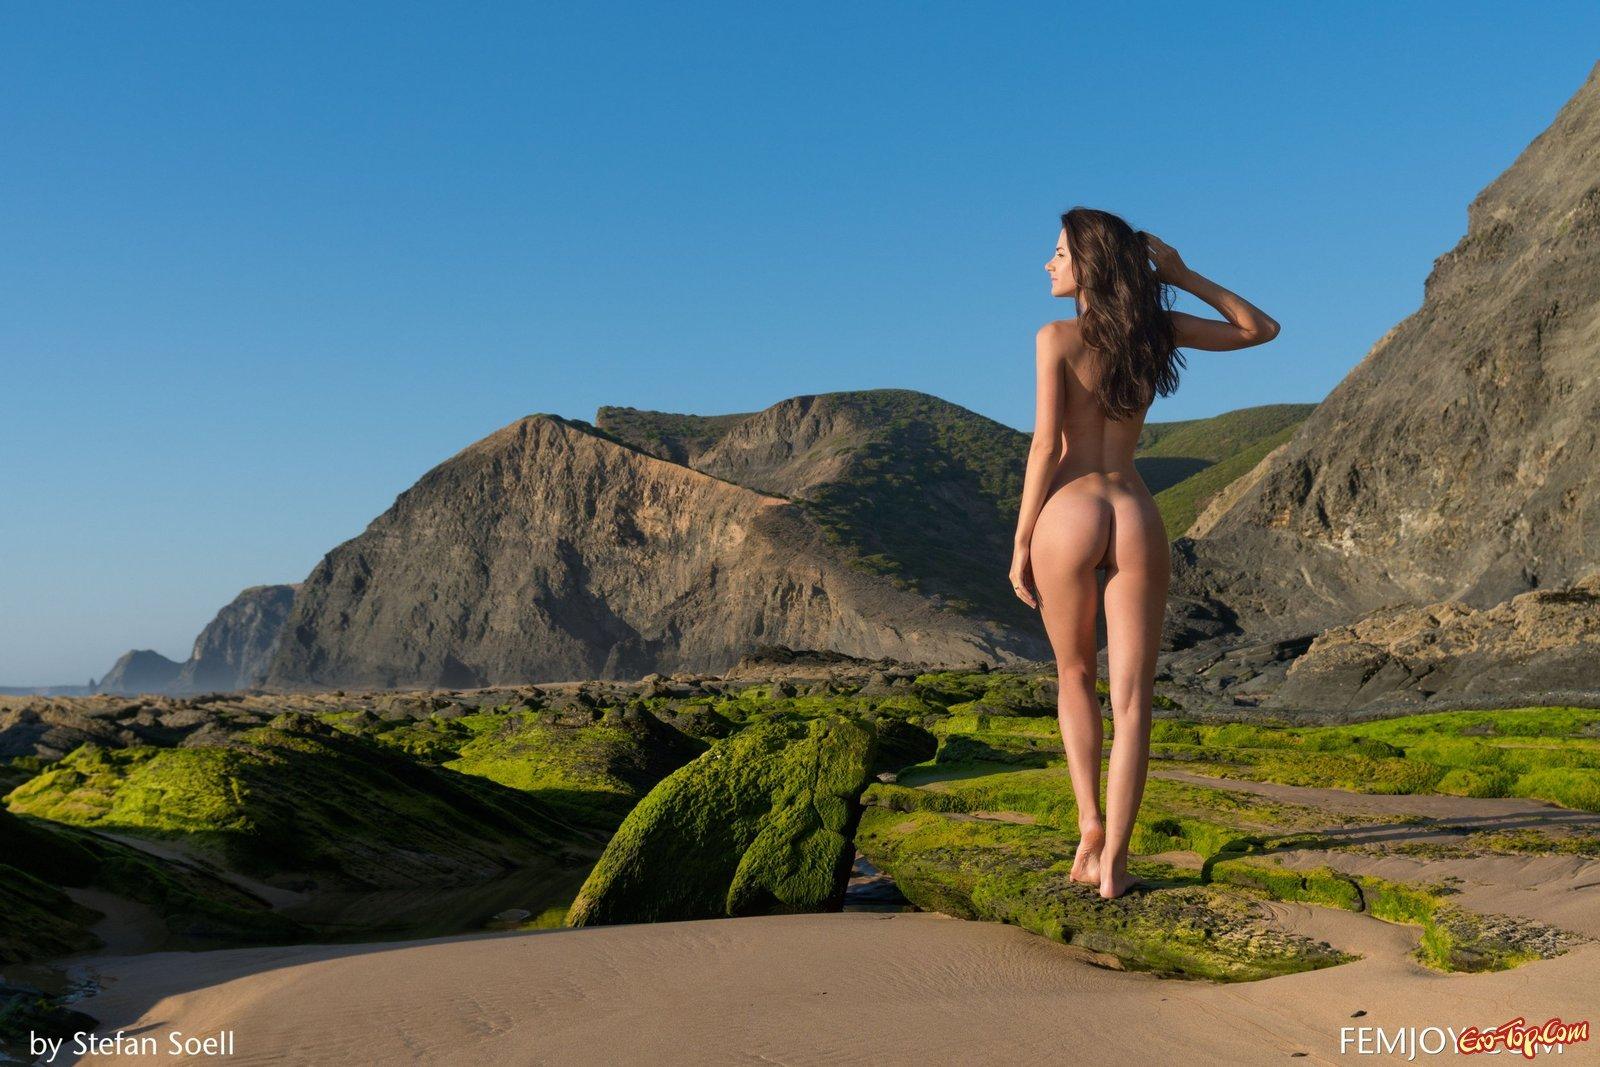 Раздетая красавица гуляет рядом с диким пляжем